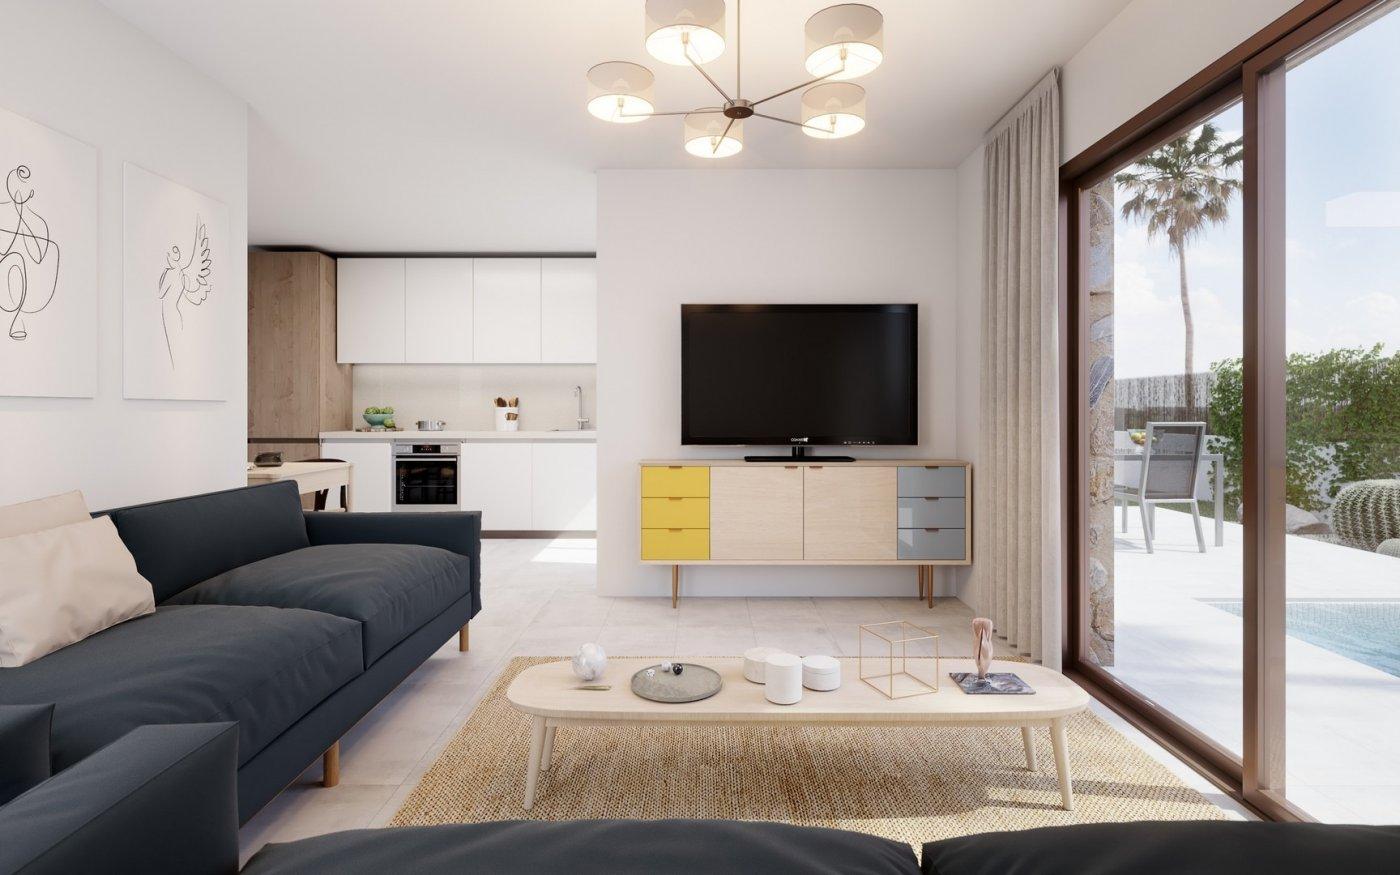 Nuevas villas pareadas e independientes en orihuela costa !!! - imagenInmueble4